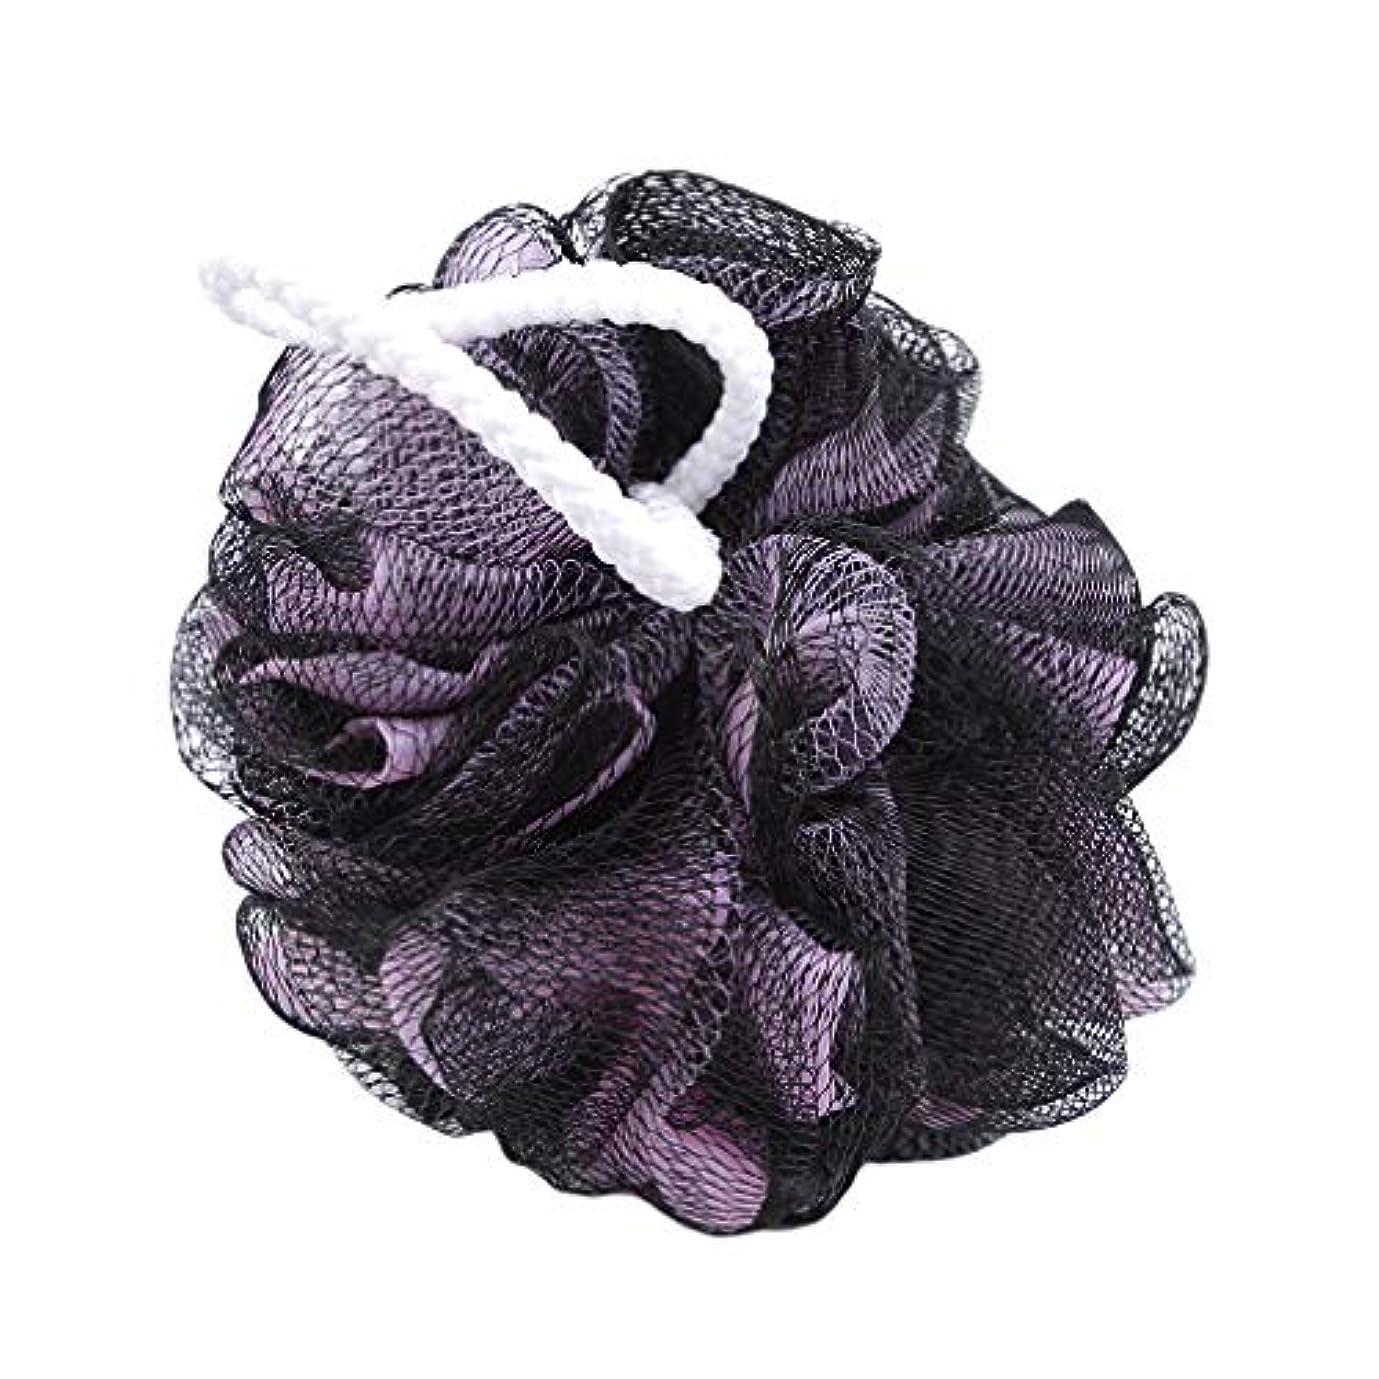 連鎖レンドローブ火の色 ボディウォッシュボール ボディ用お風呂ボール 花形 泡立てネット 超柔軟 ベージュ ふわわん シャワー用 上品 黒粉